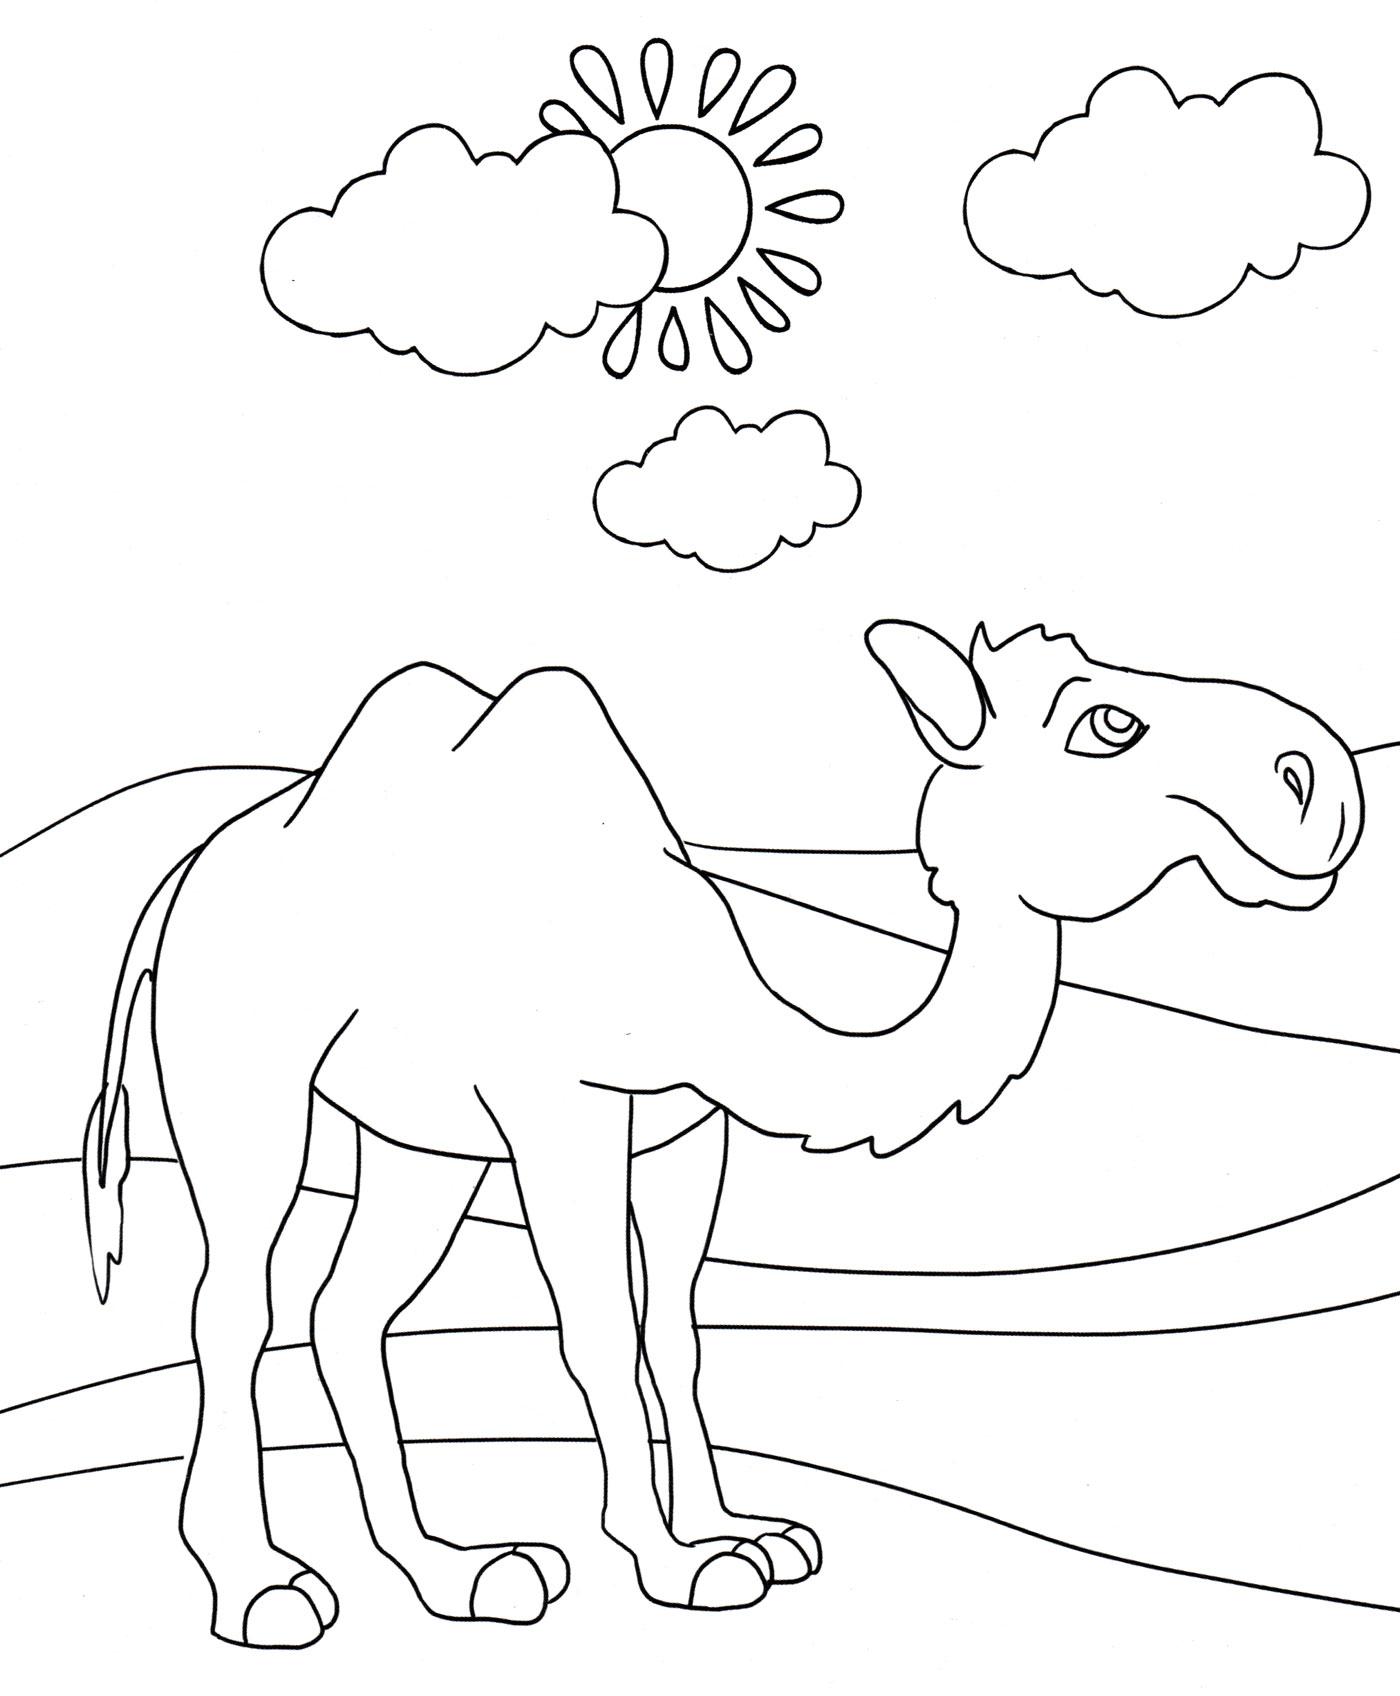 от чего у верблюда горб картинки раскраски мнению владельцев портала